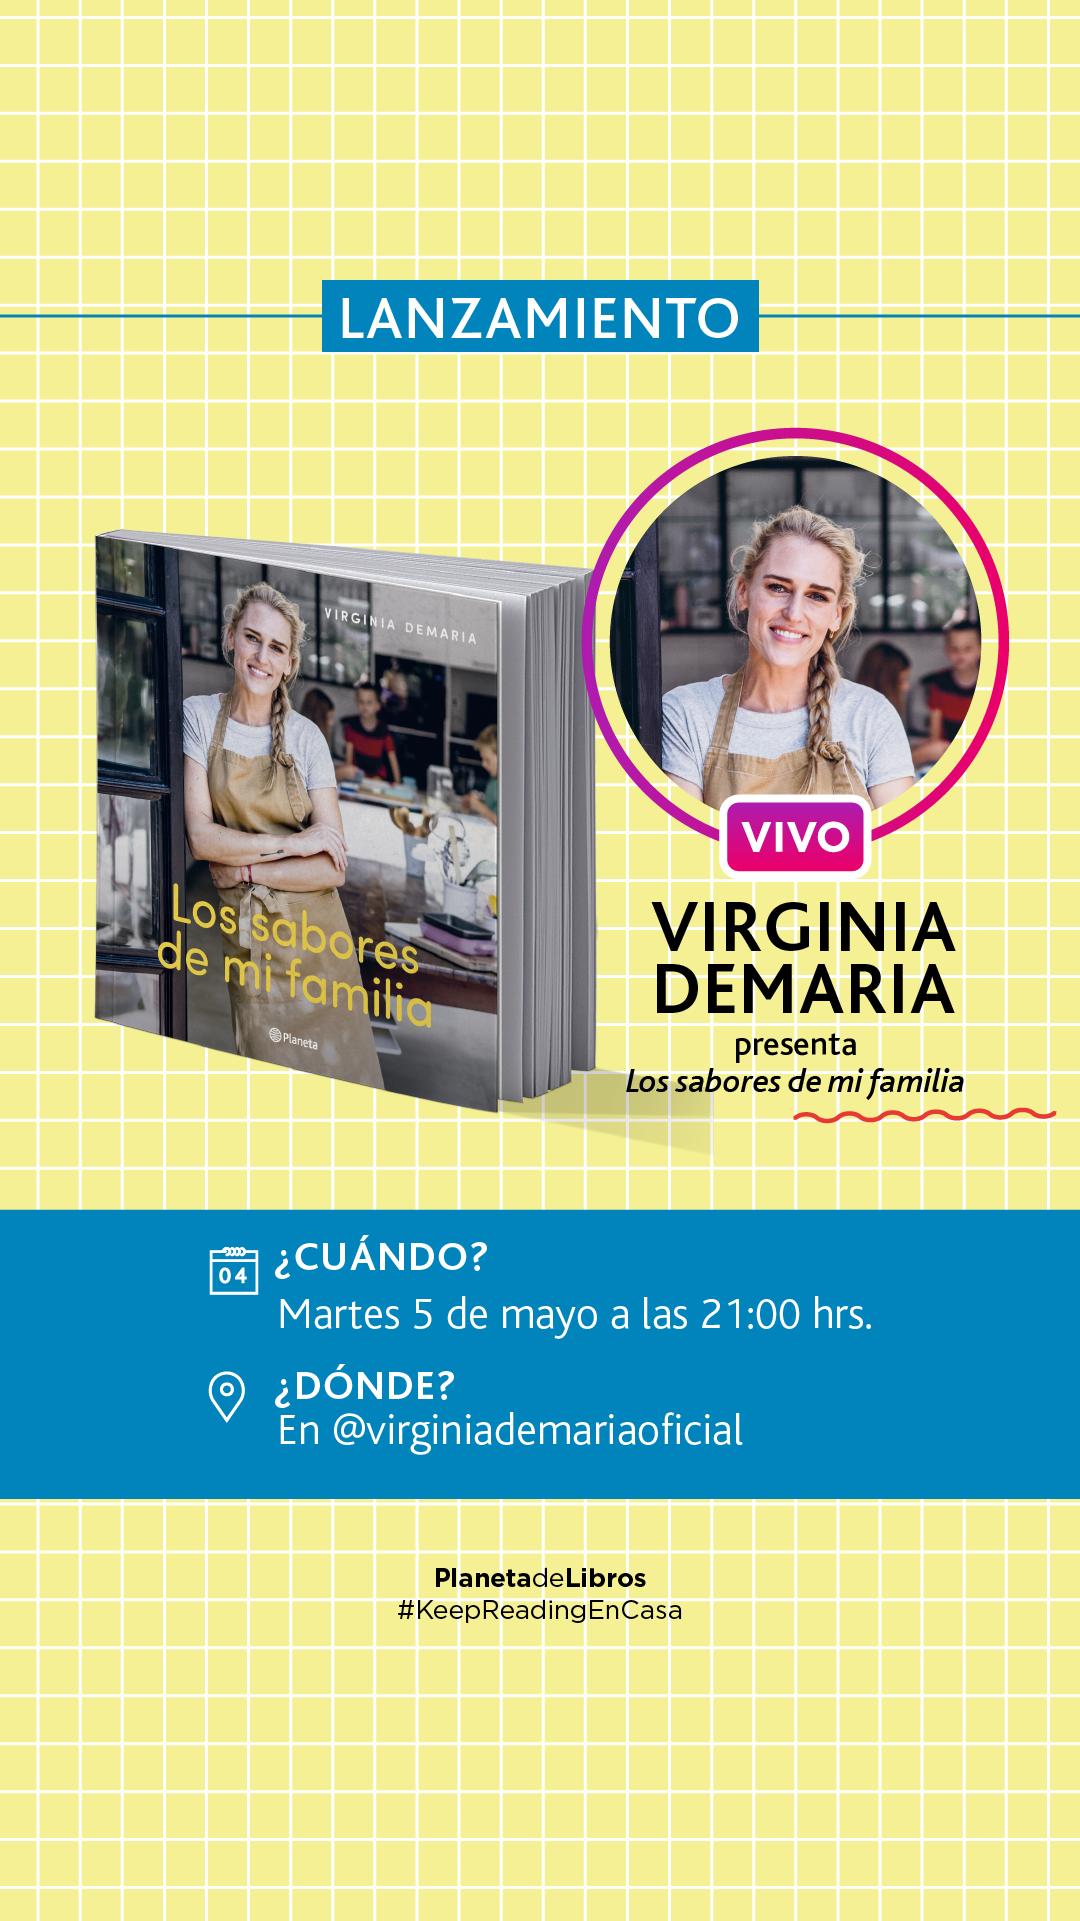 Virginia Demaria